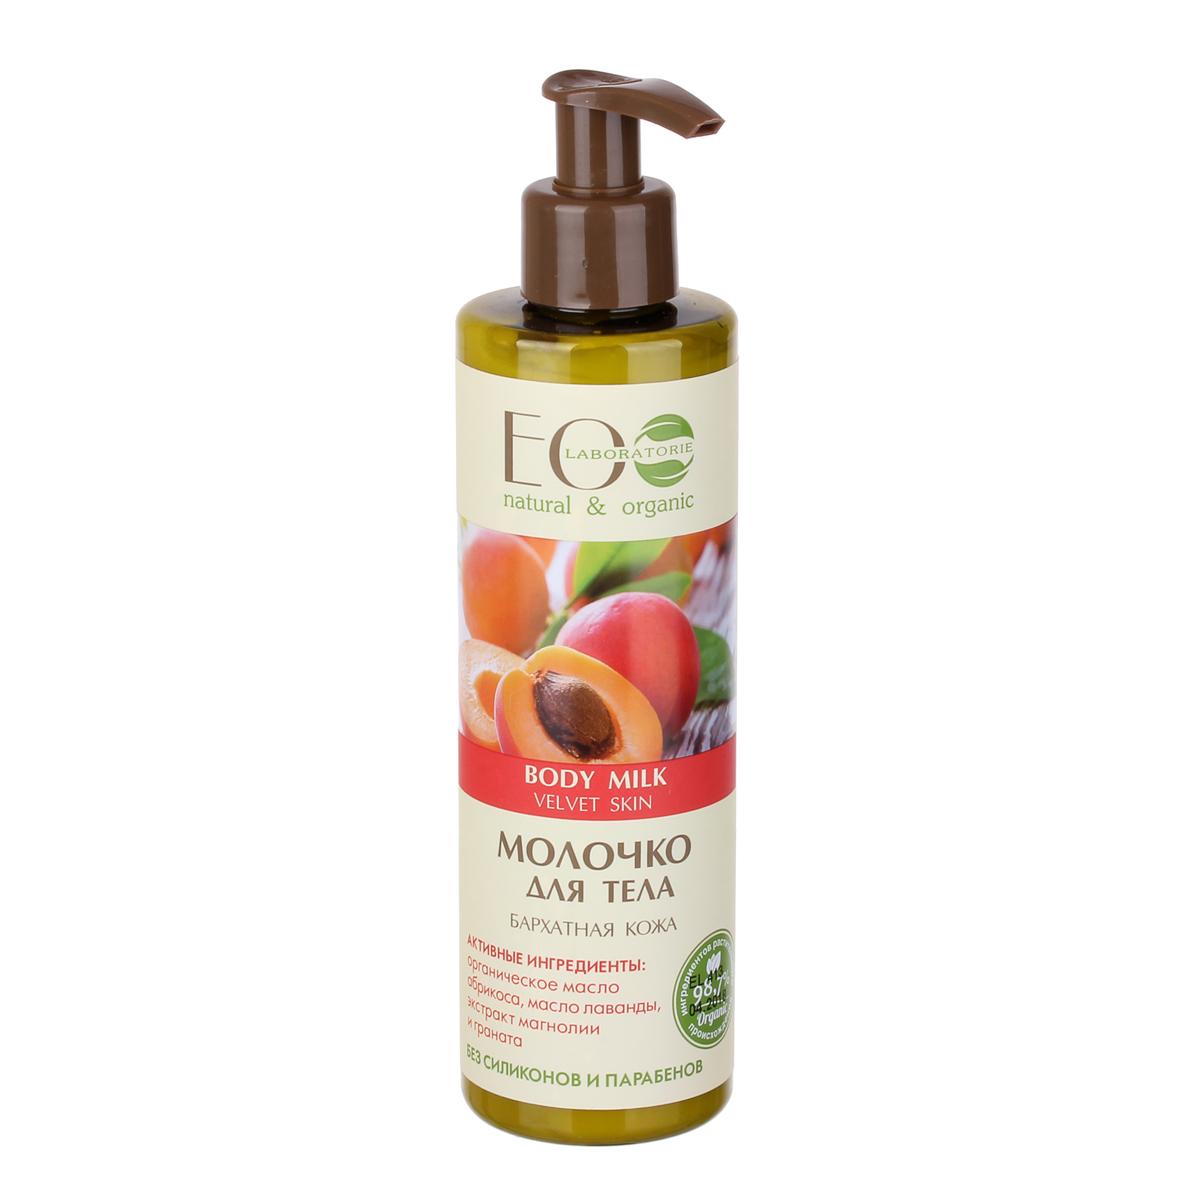 EcoLab ЭкоЛаб Молочко для тела Бархатная кожа 250 млCB023Способствует поддержанию молодости кожи, ее обновлению и восстановлению. Увлажняет, смягчает кожу, делает её шелковистой, препятствует обезвоживанию, нейтрализует вредное воздействие ультрафиолетовых лучей.Активные ингредиенты: органическое масло абрикоса, масло лаванды, экстракт магнолии и граната